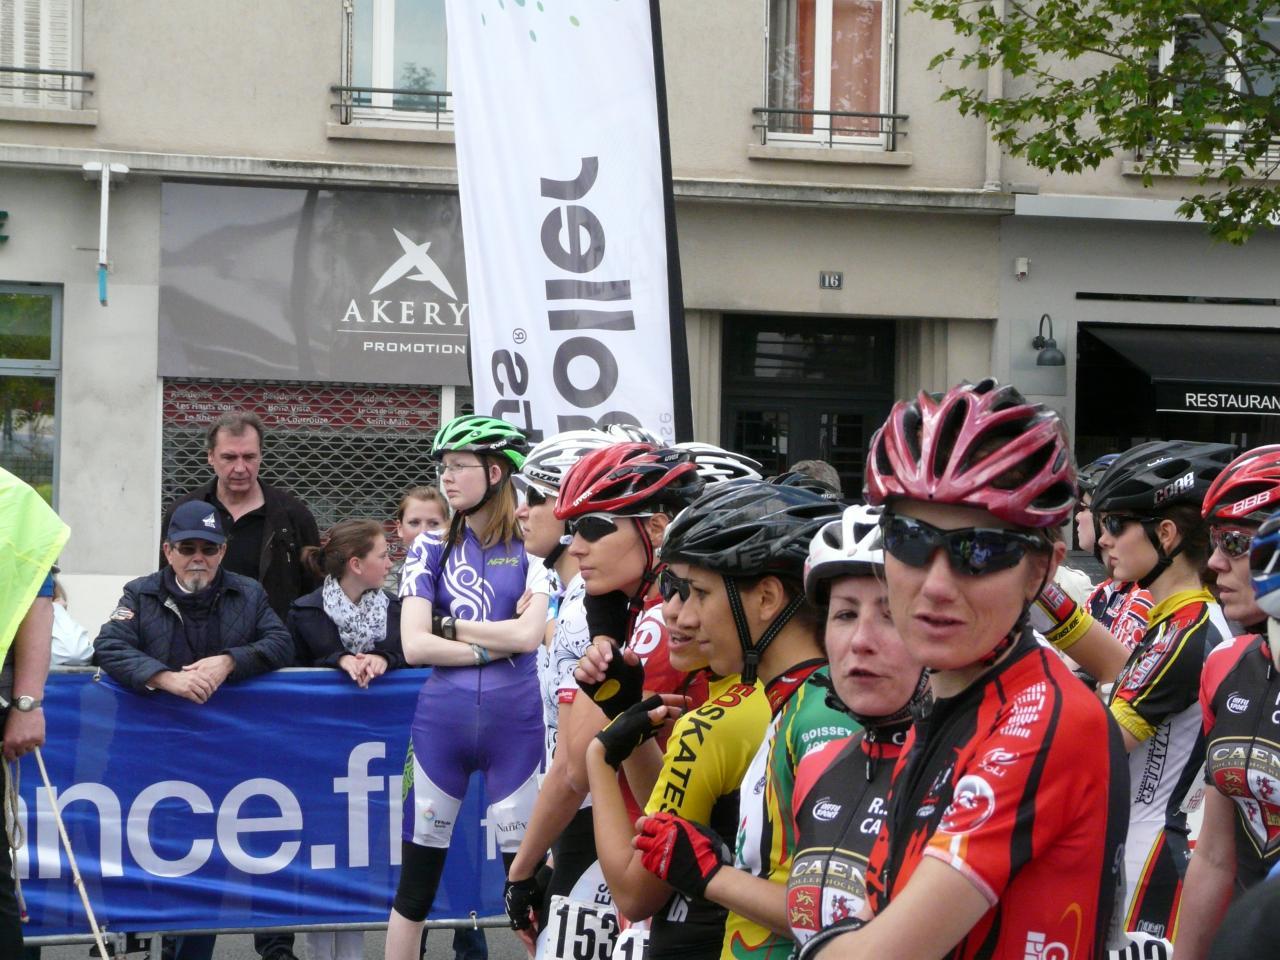 Les filles, catégorie Elite, avant le départ du Marathon